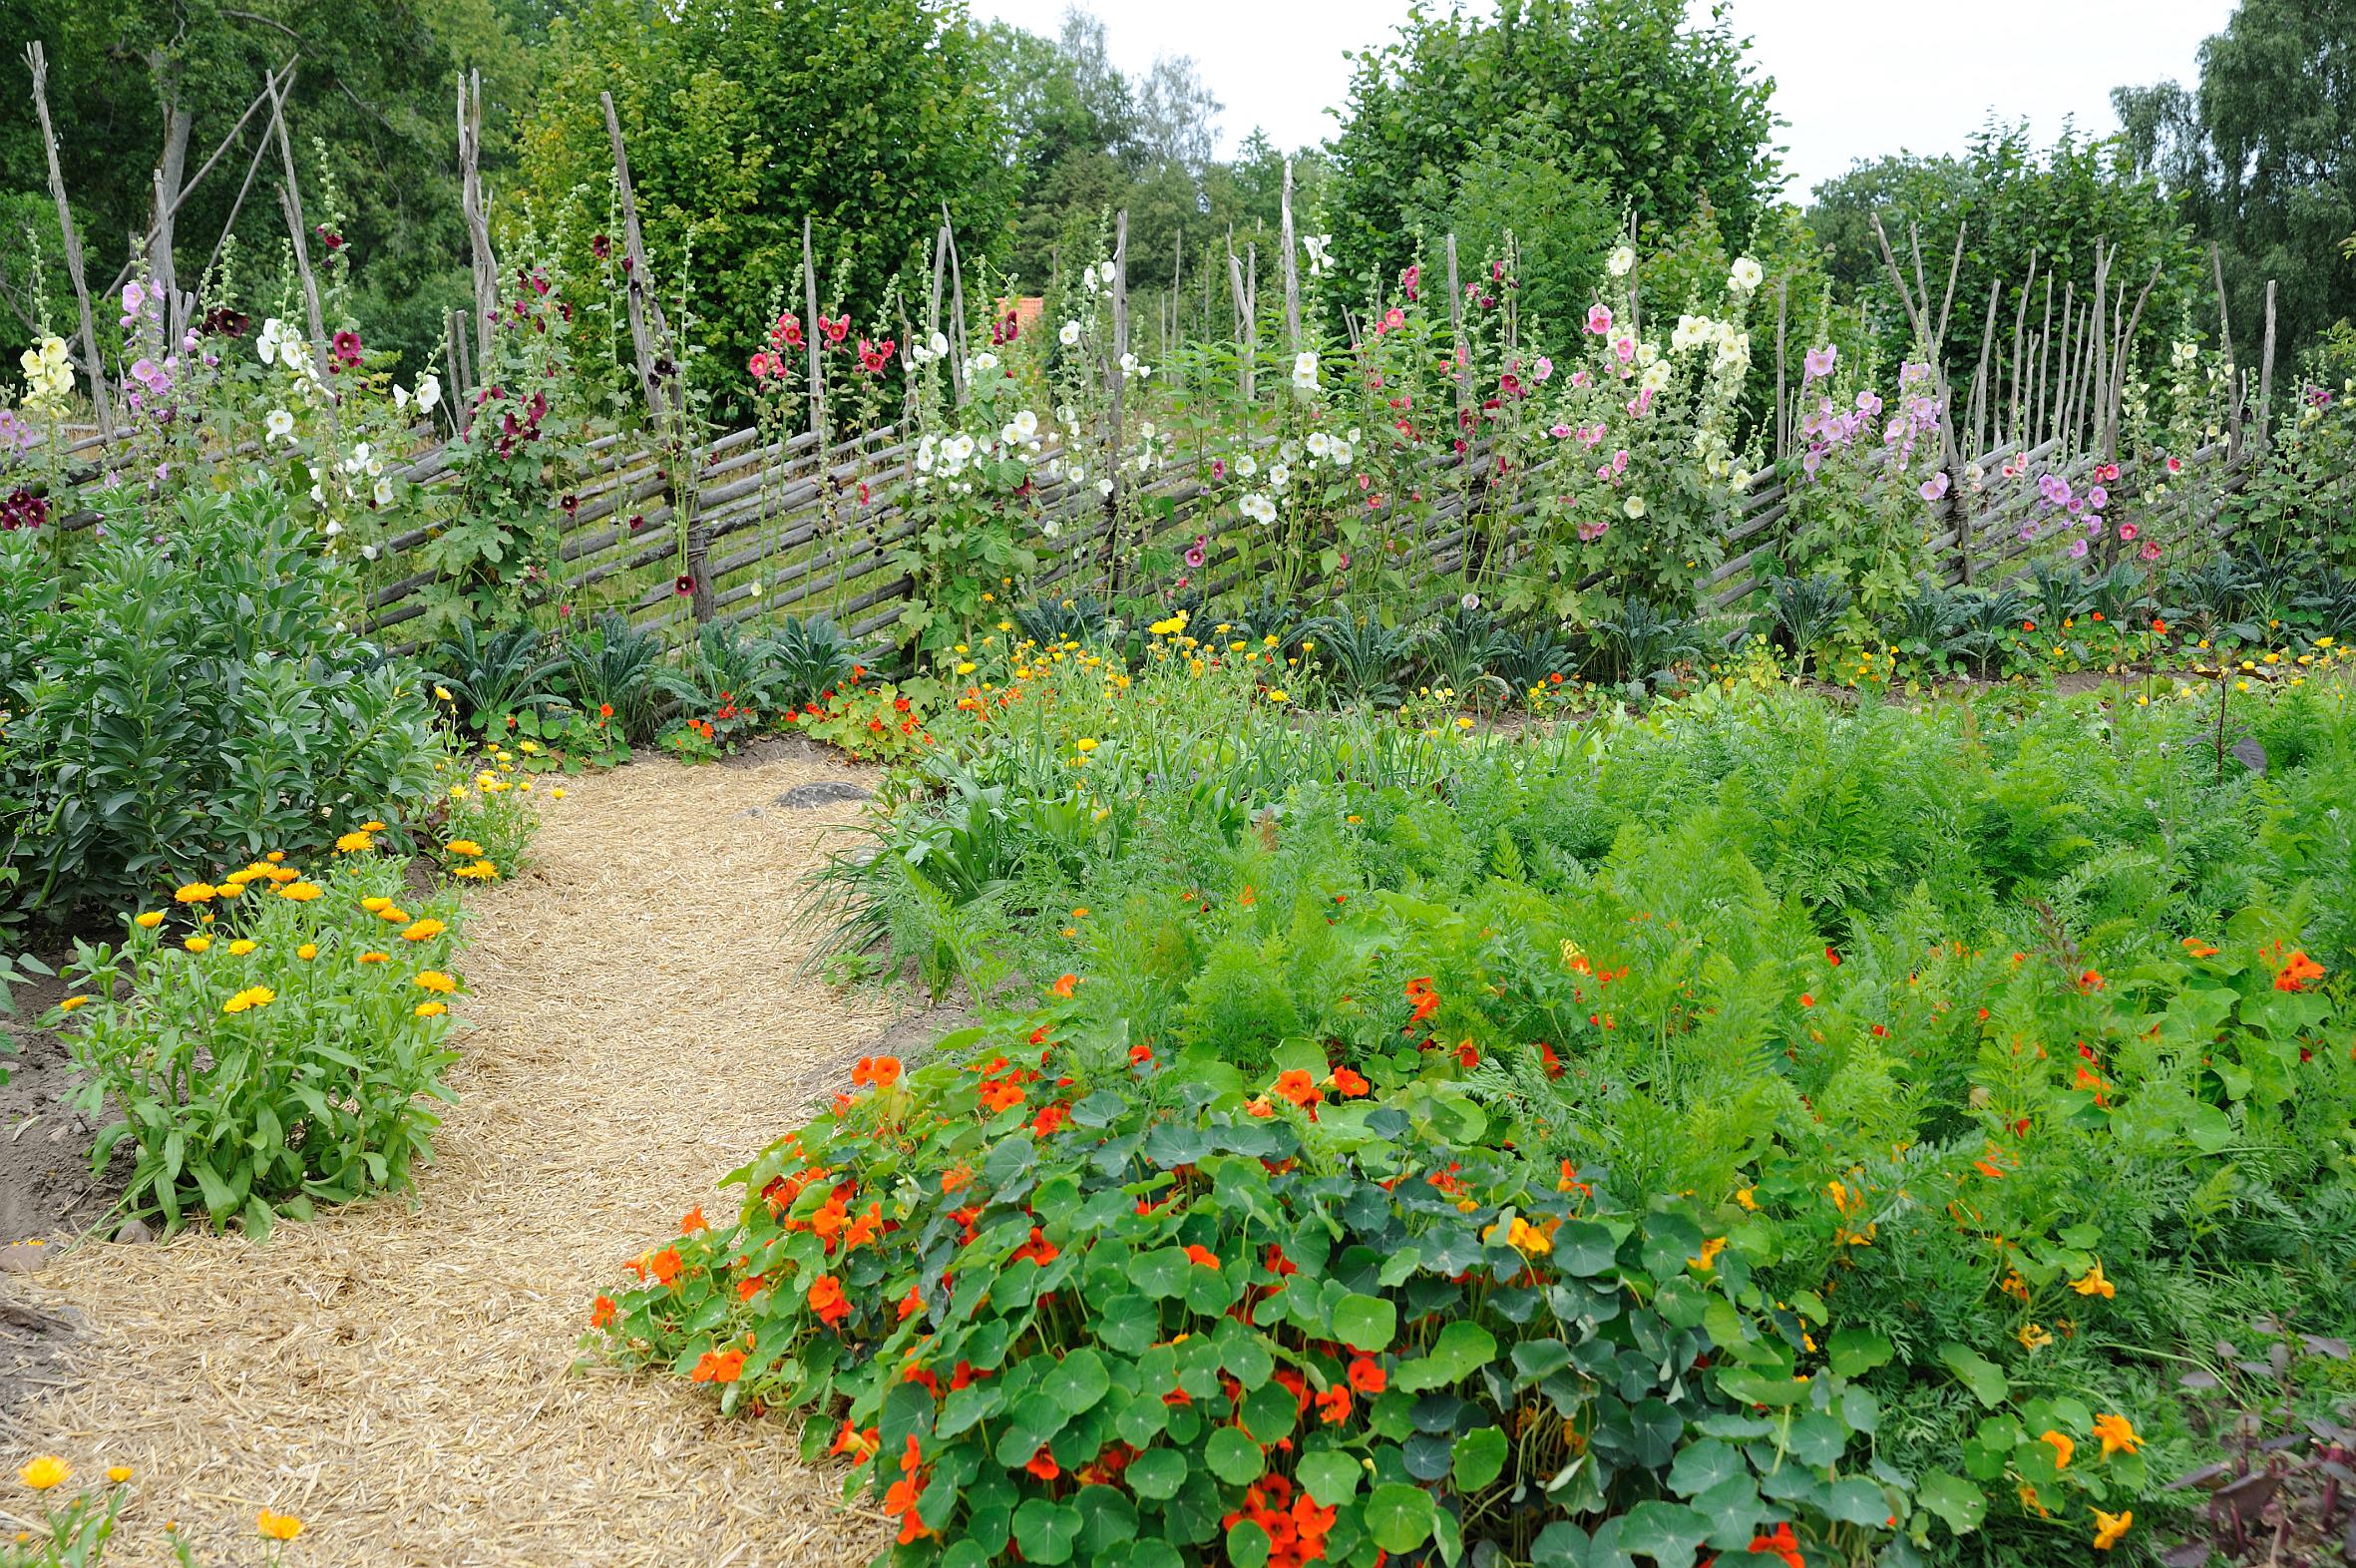 Zusatzbilder zum Artikel: Schönes und Nützliches – Stauden und essbare Pflanzen für den Garten